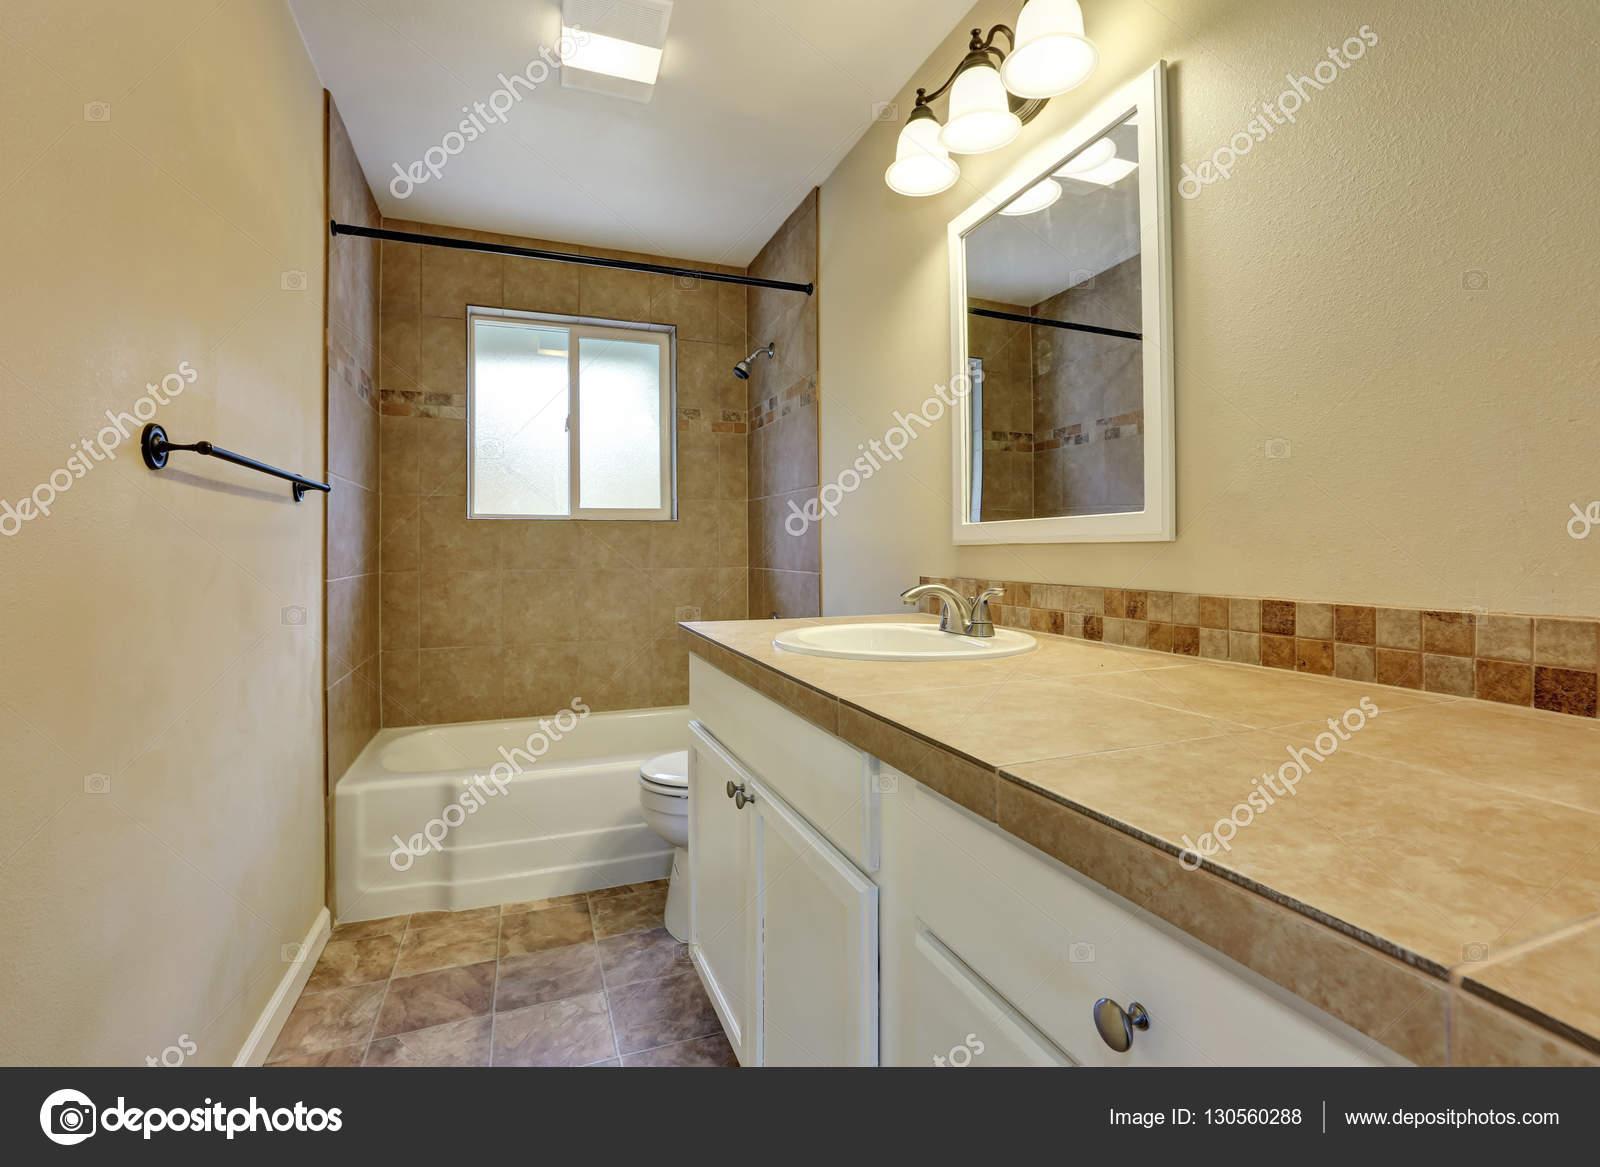 Arredamento della stanza da bagno con parete di piastrelle - Piastrelle bagno beige ...